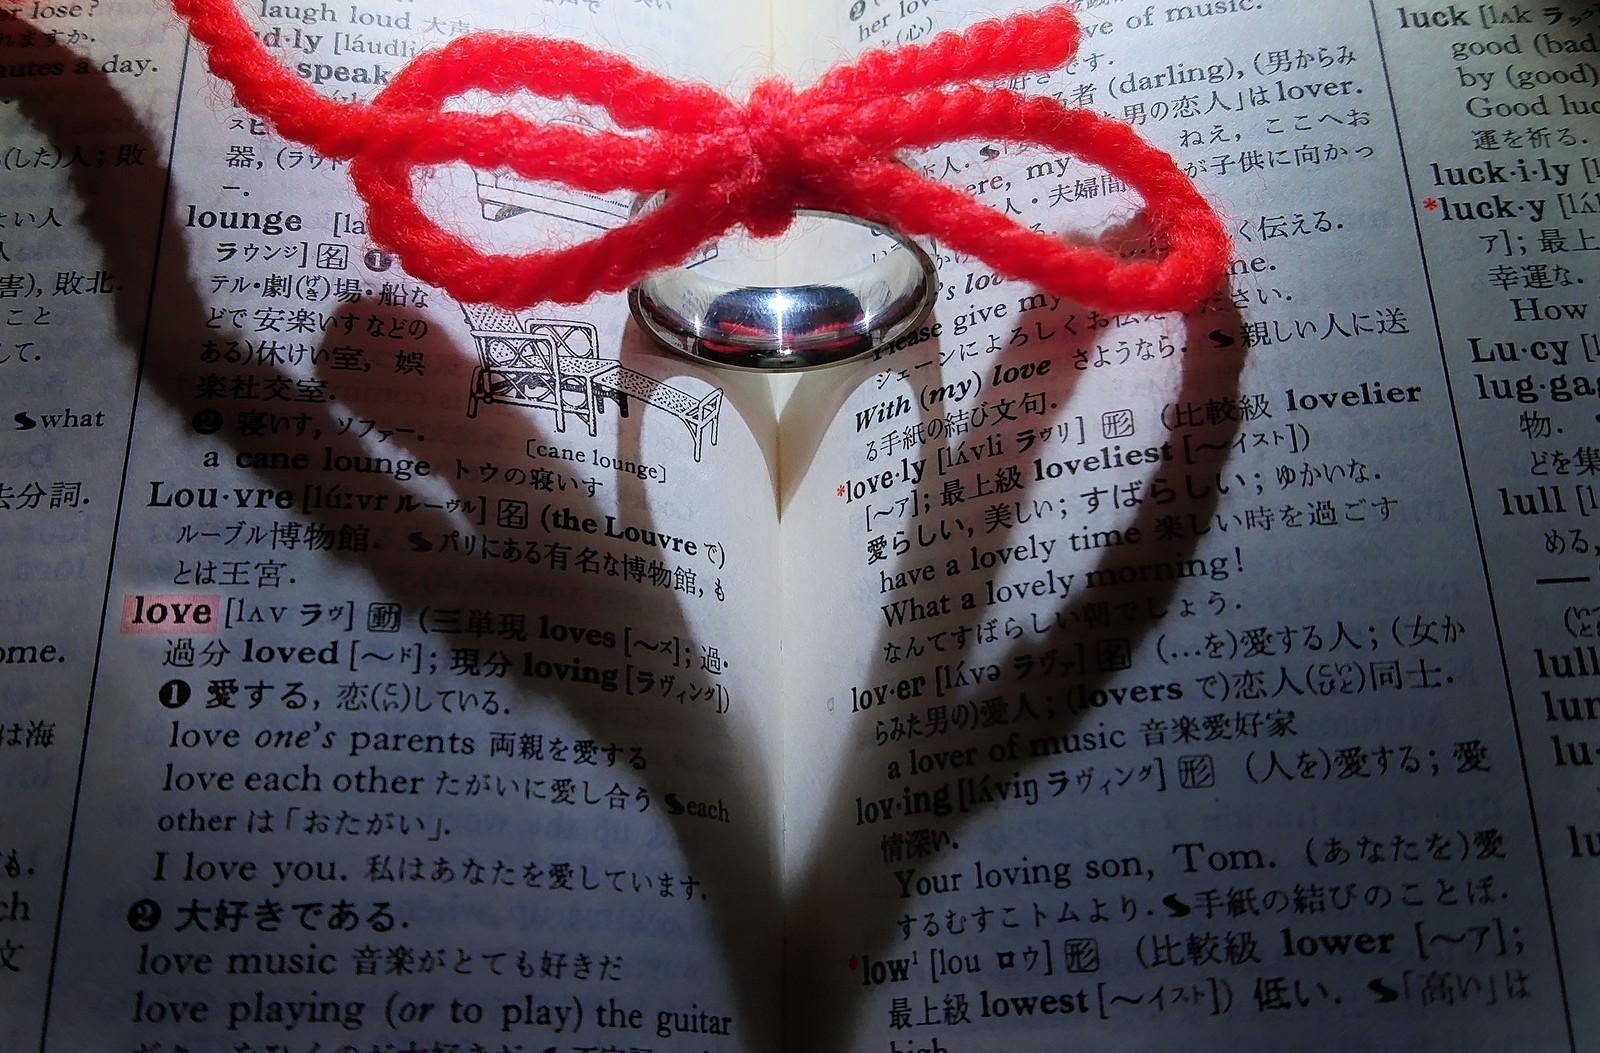 「運命の赤い糸が結ぶ指輪のハートの影」の写真